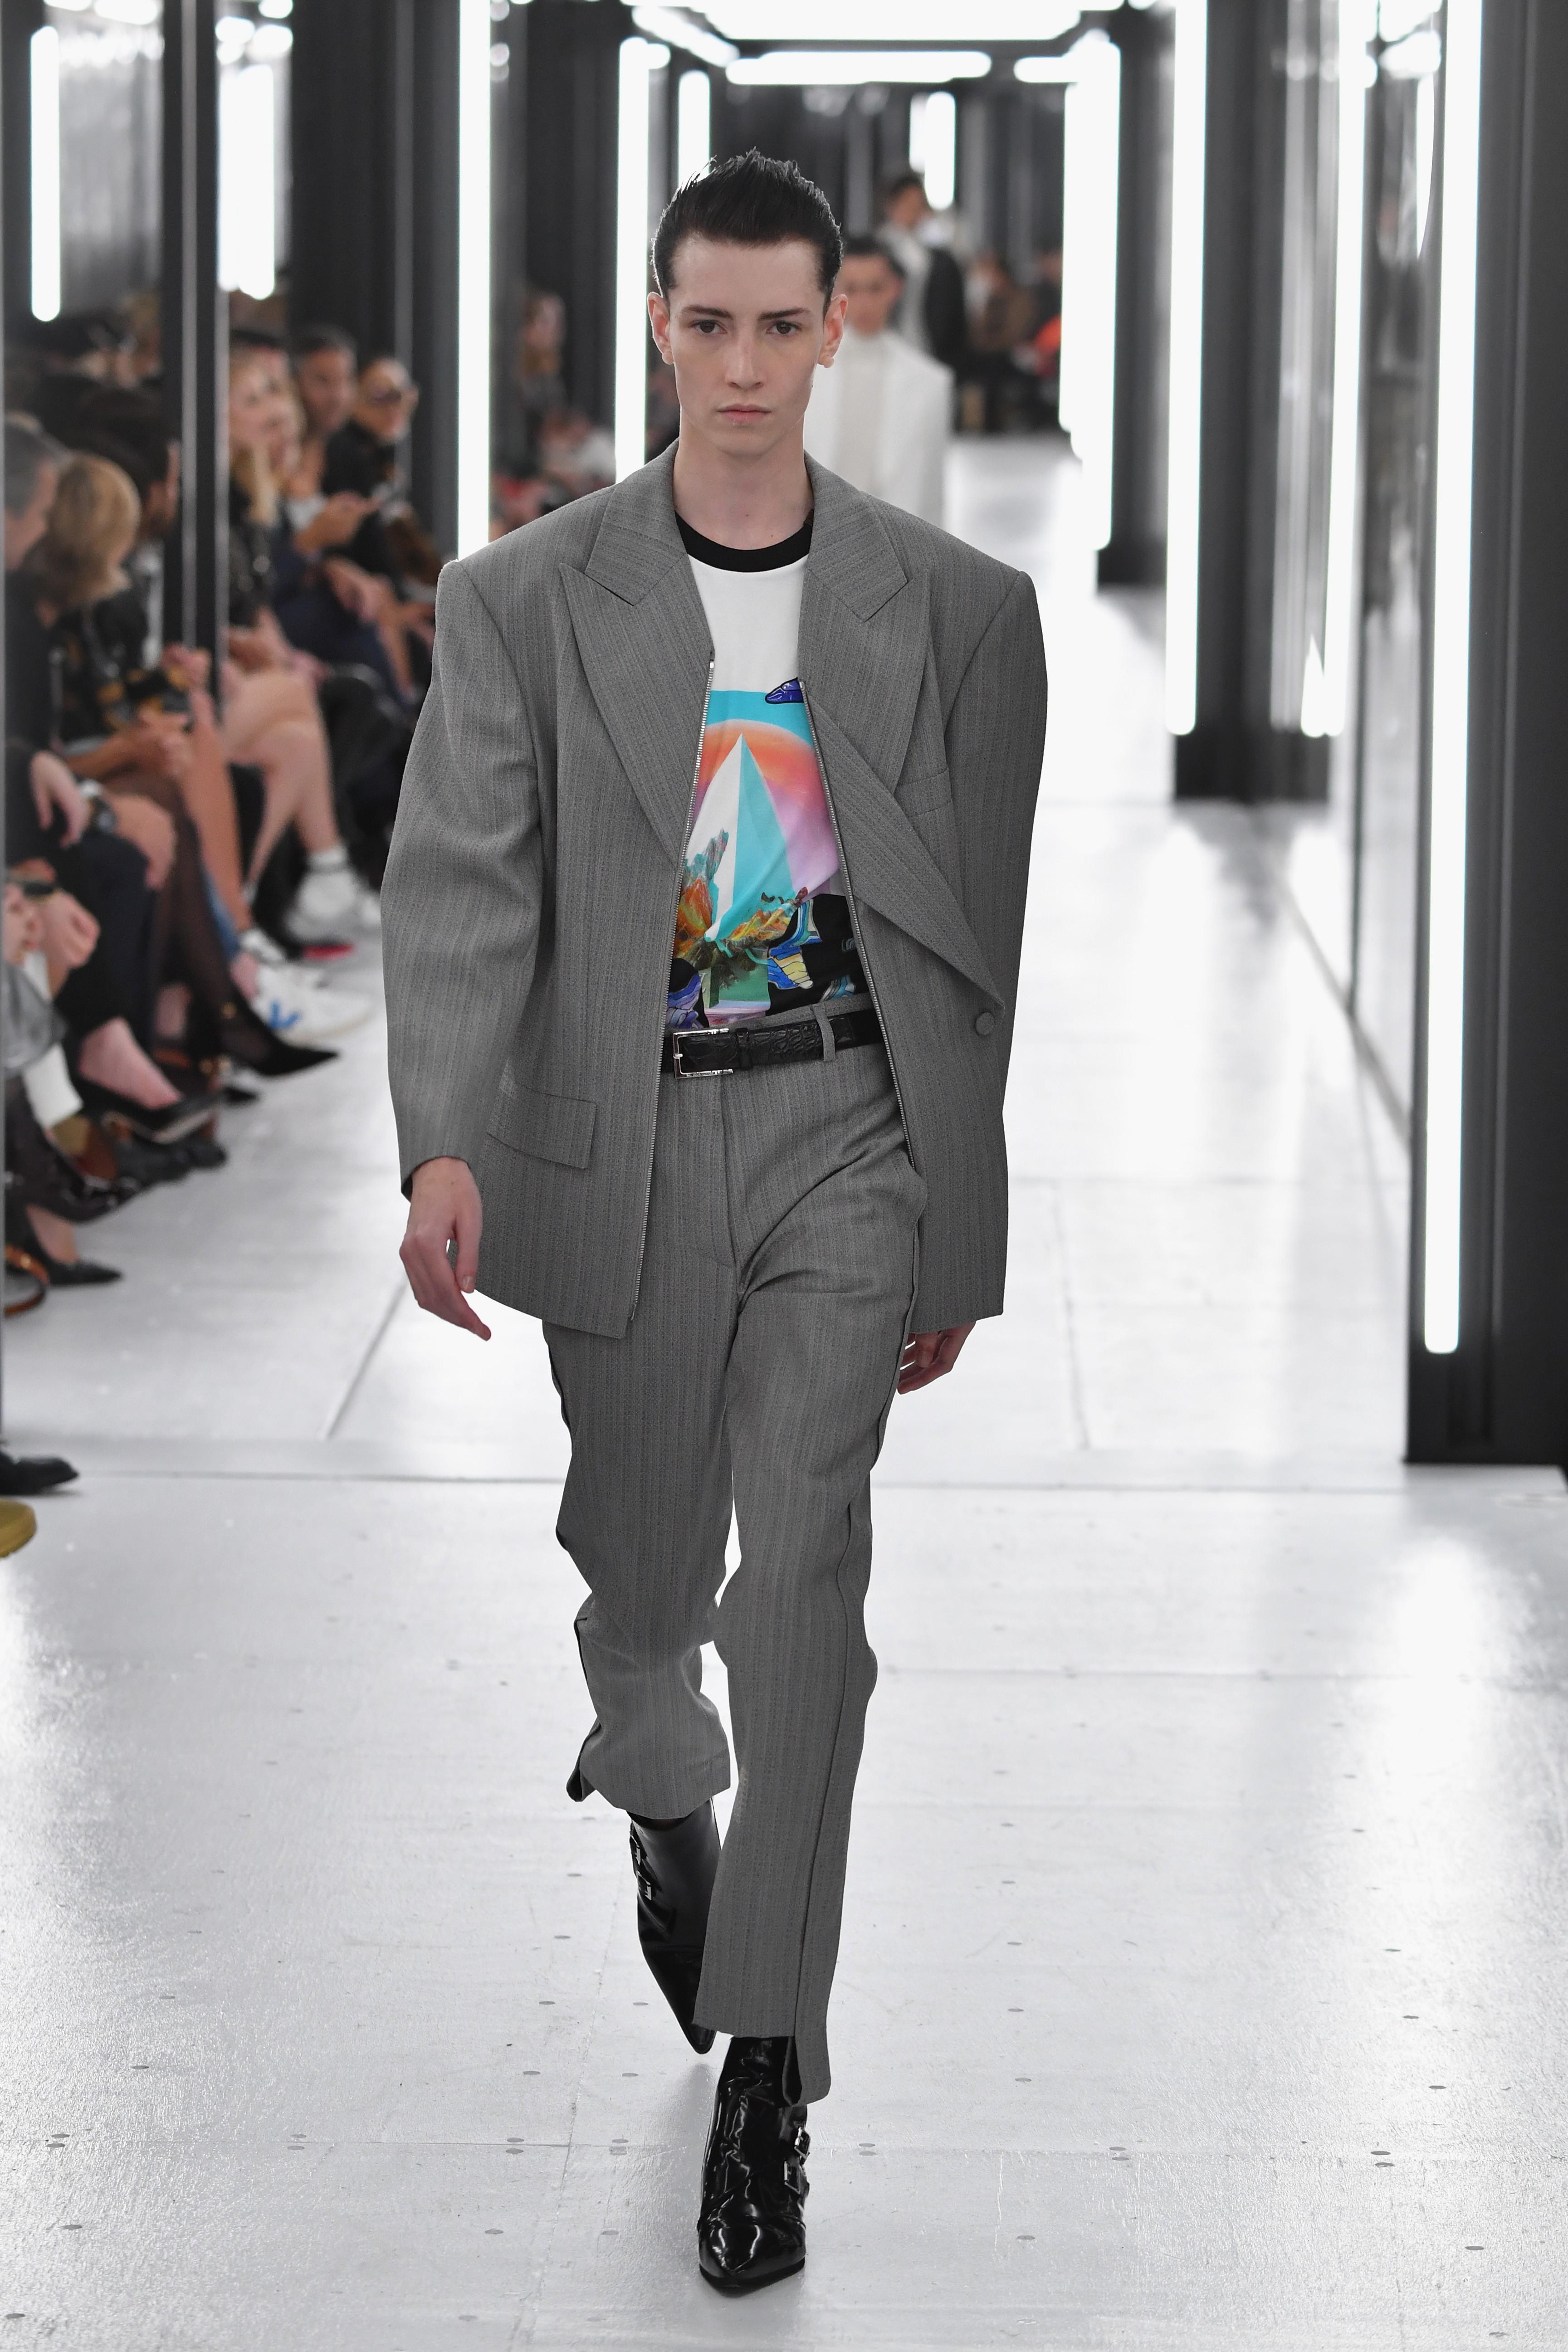 Louis Vuitton aposta em roupas sem gênero (Foto: Getty Images)